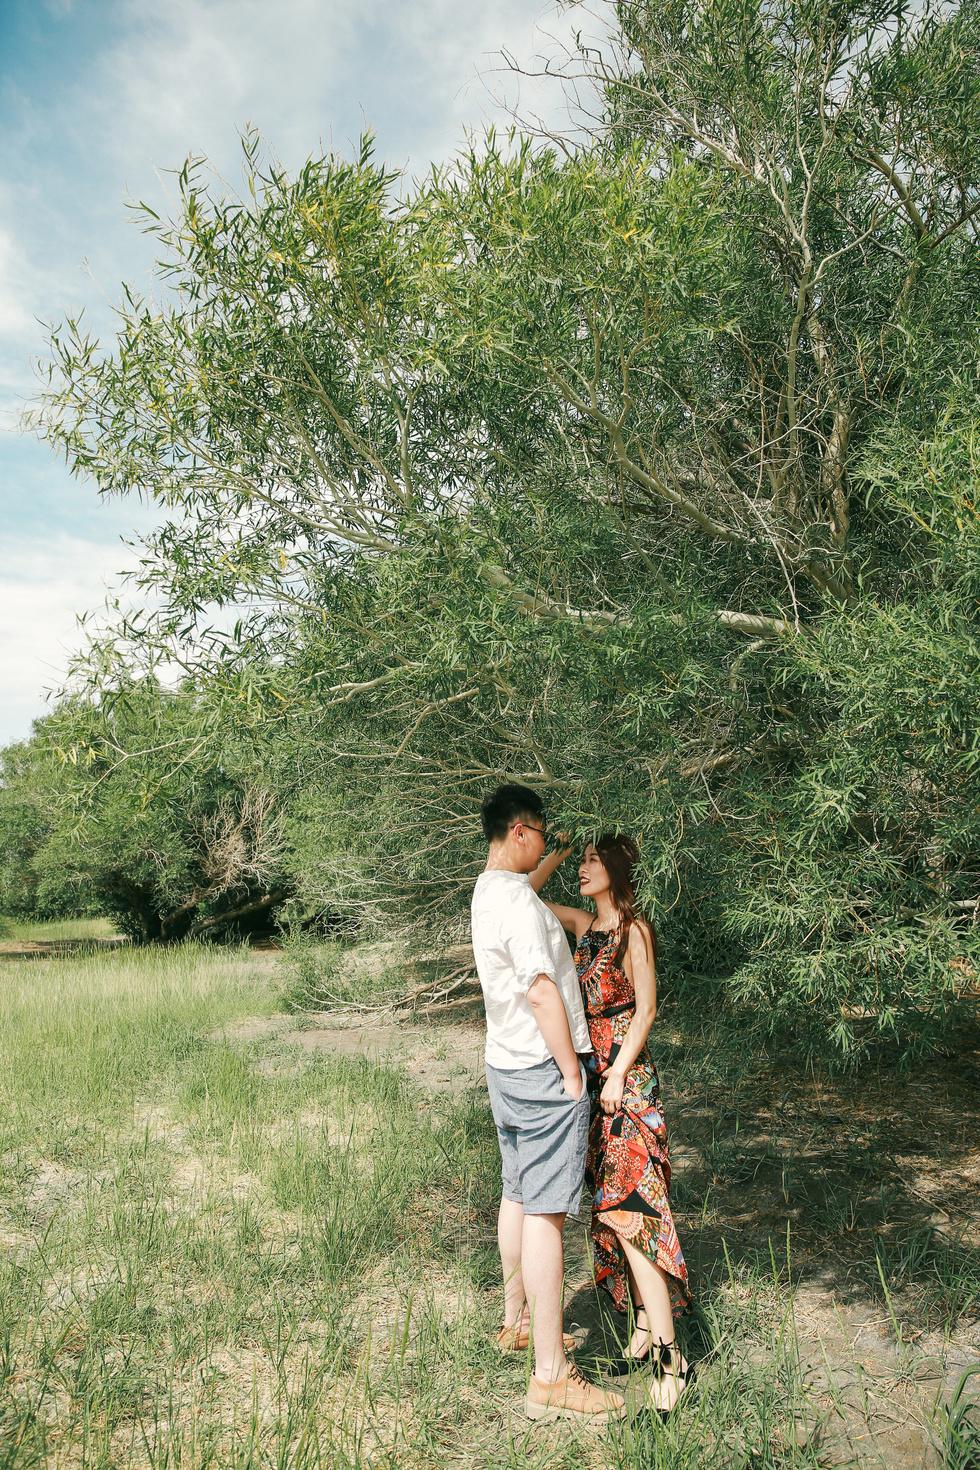 新疆必威体育登陆|新疆必威体育登陆婚纱照|新疆婚纱照|乌鲁木齐婚纱照